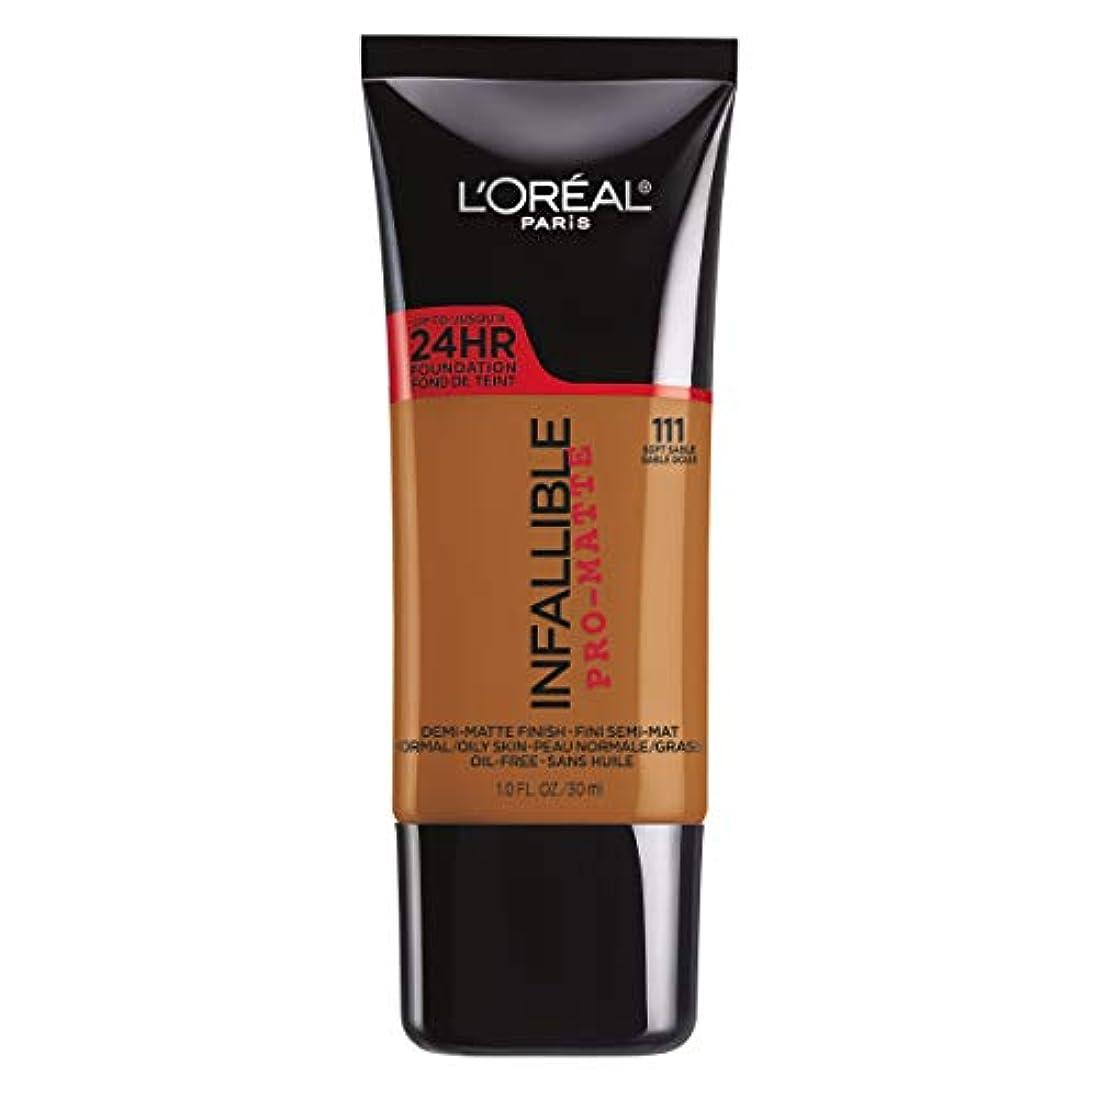 気楽な軽く線形L'Oreal Paris Infallible Pro-Matte Foundation Makeup, 111 Soft Sable, 1 fl. oz[並行輸入品]